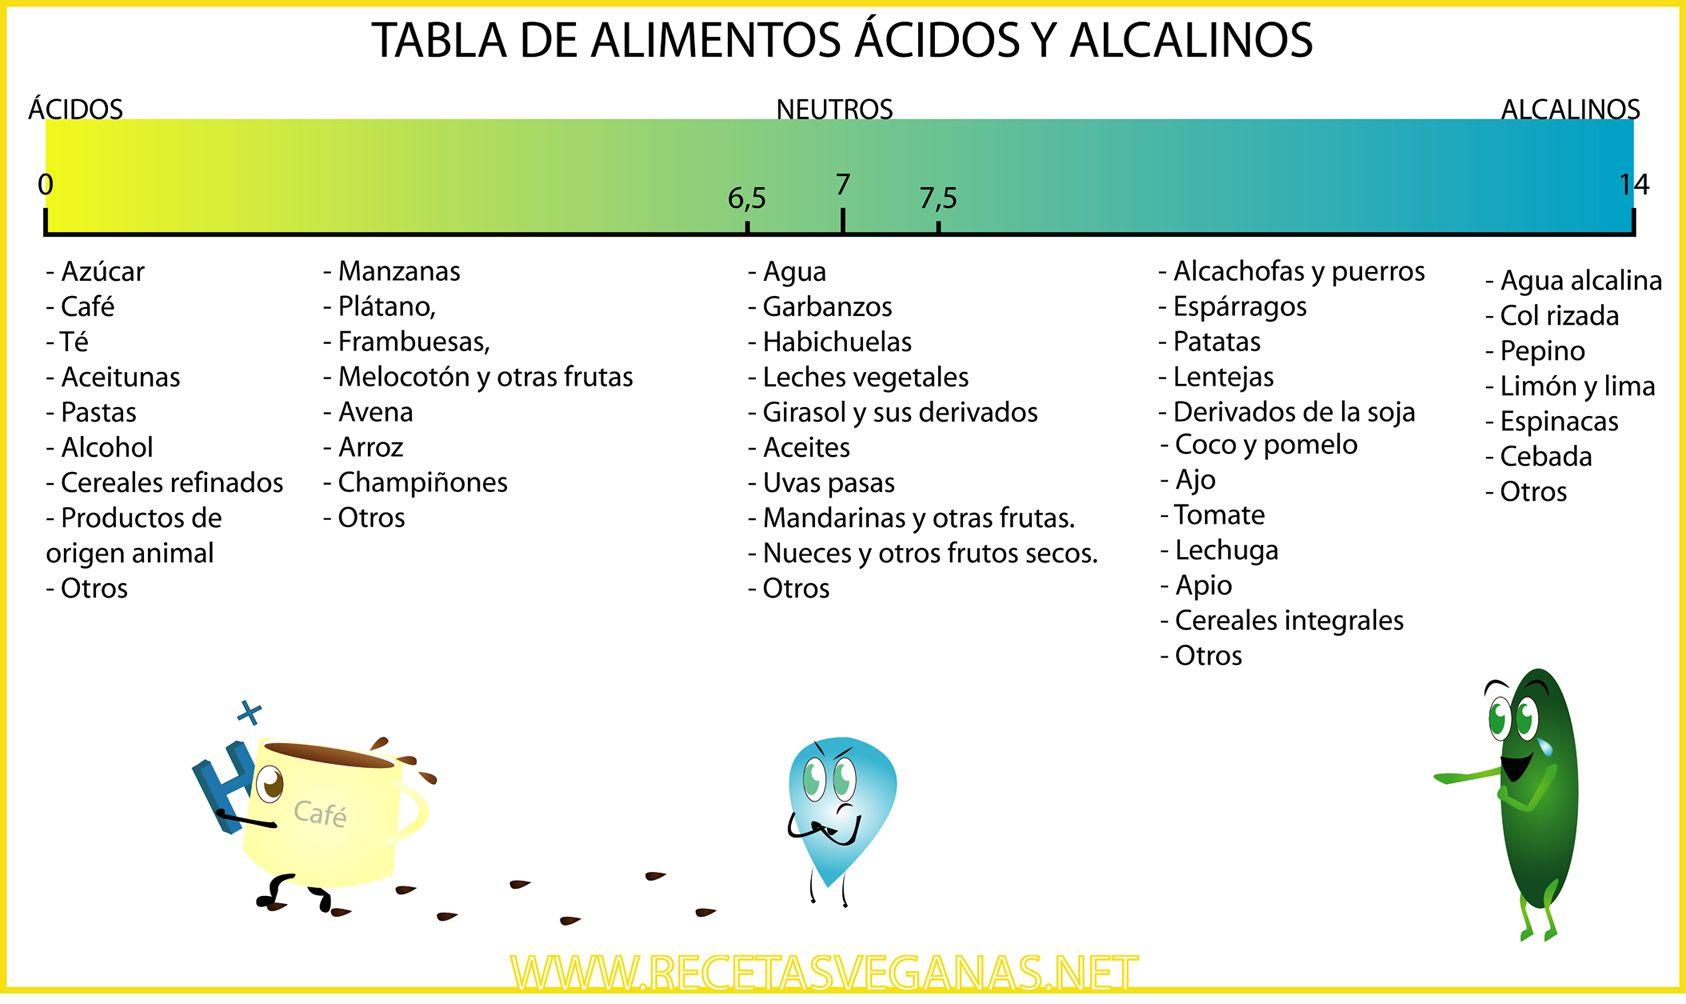 Tabla de alimentos acidos y alcalinos dieta alcalina pinterest - Tabla de alimentos alcalinos y acidos ...